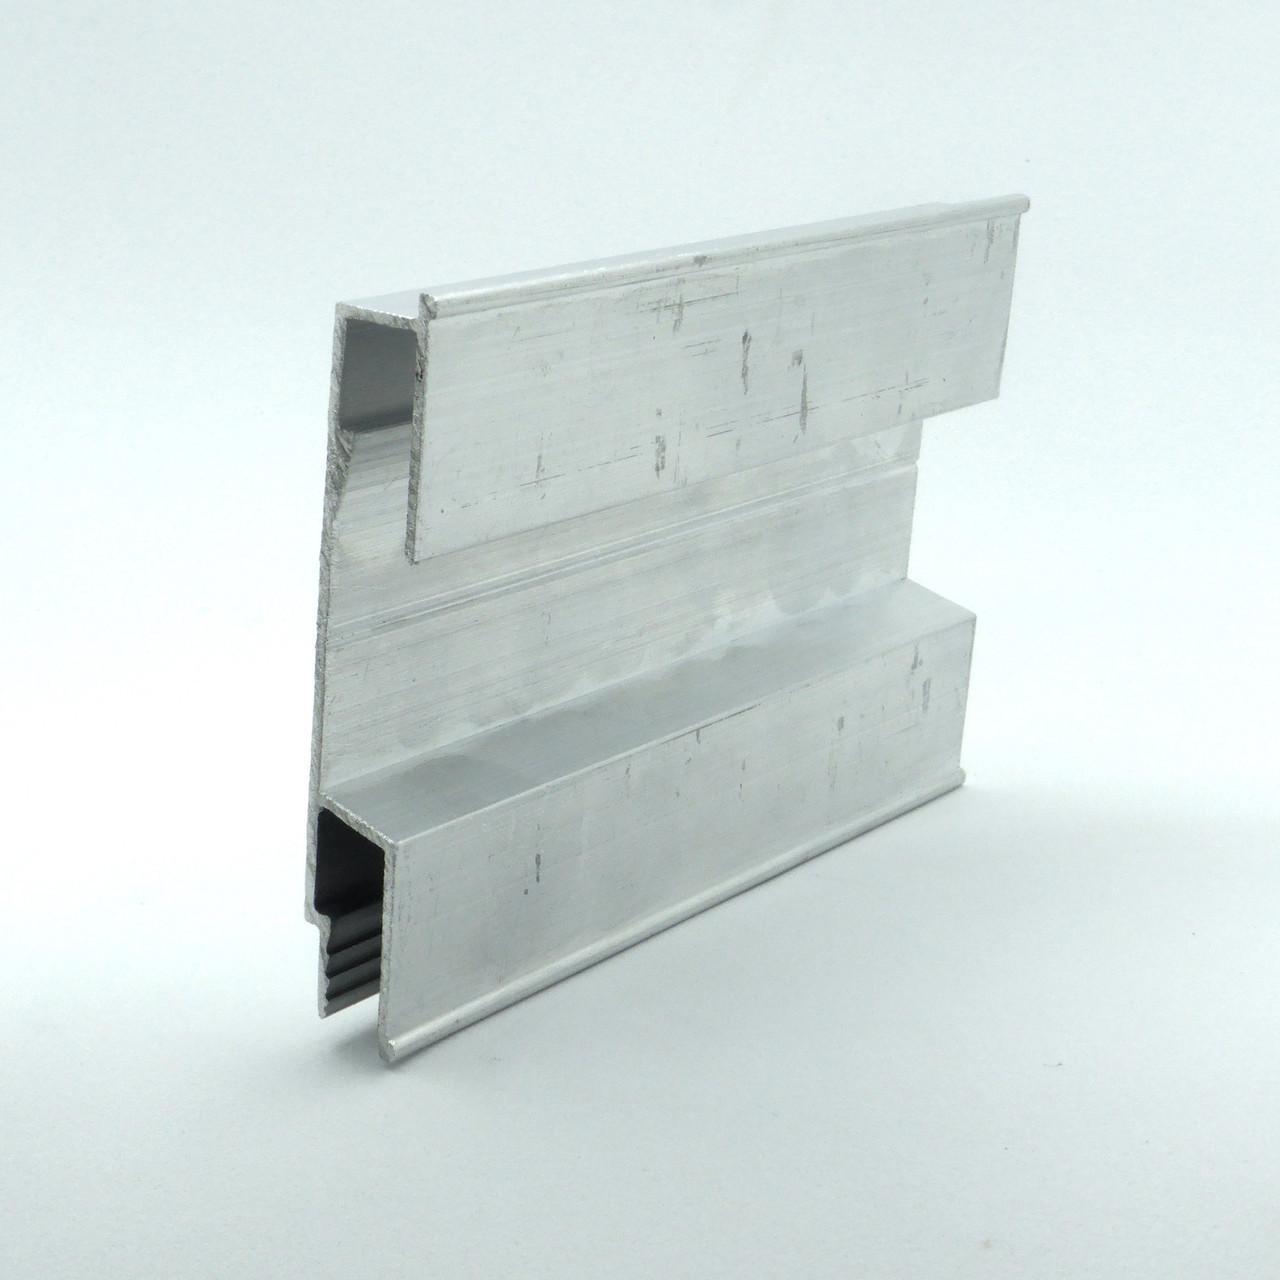 Профіль алюмінієвий для натяжних стель - 3D, для створення об'ємних зображень. Довжина профілю 2 м.